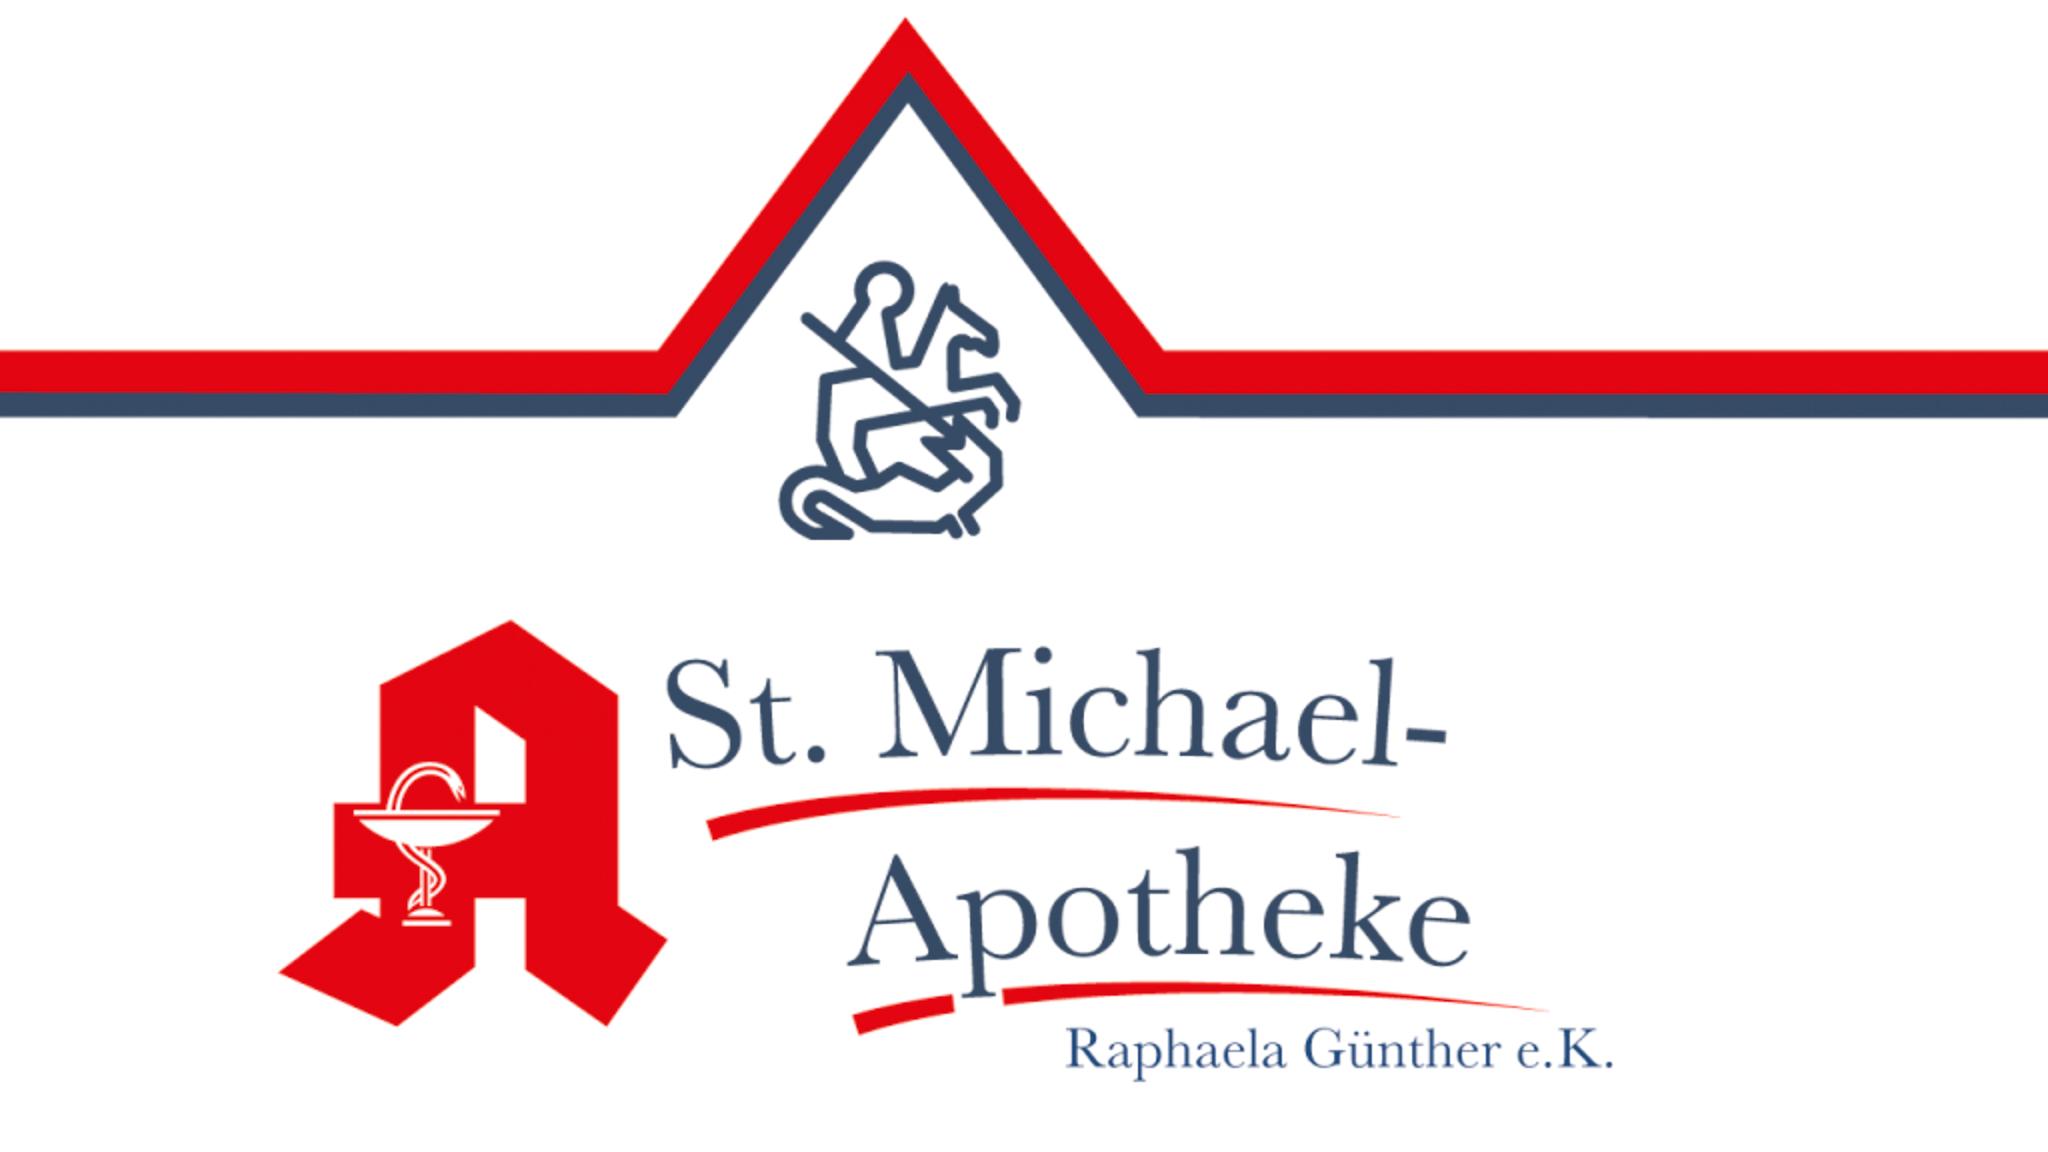 Apotheke-Weißenthurm-Rengsdorf-Irlich-Logo-9